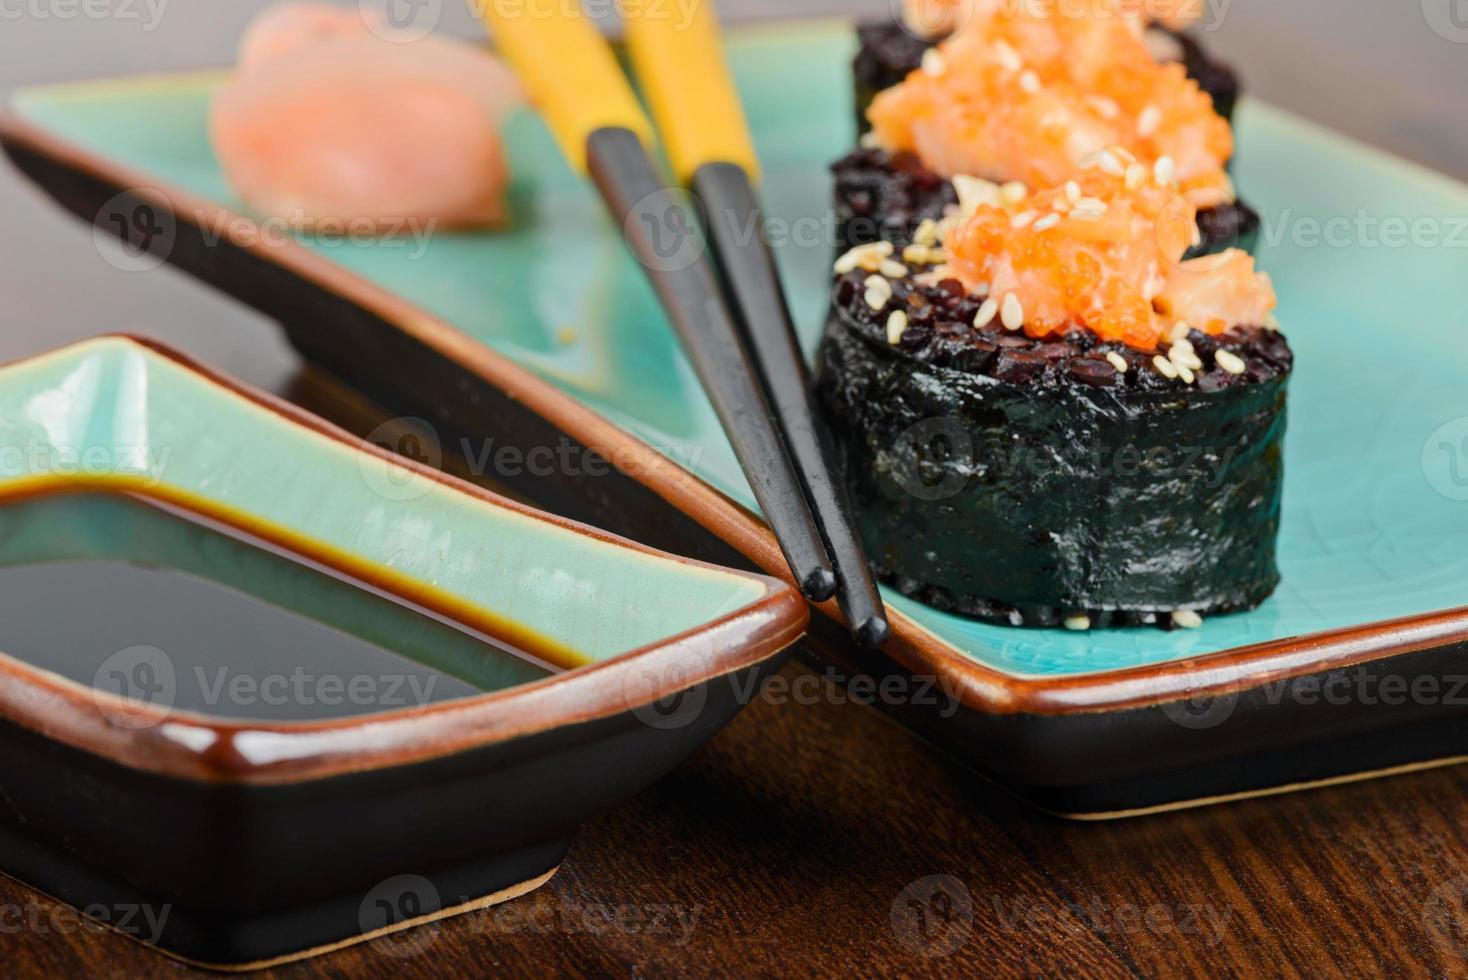 rolos de sushi assados, servidos no prato turquesa foto